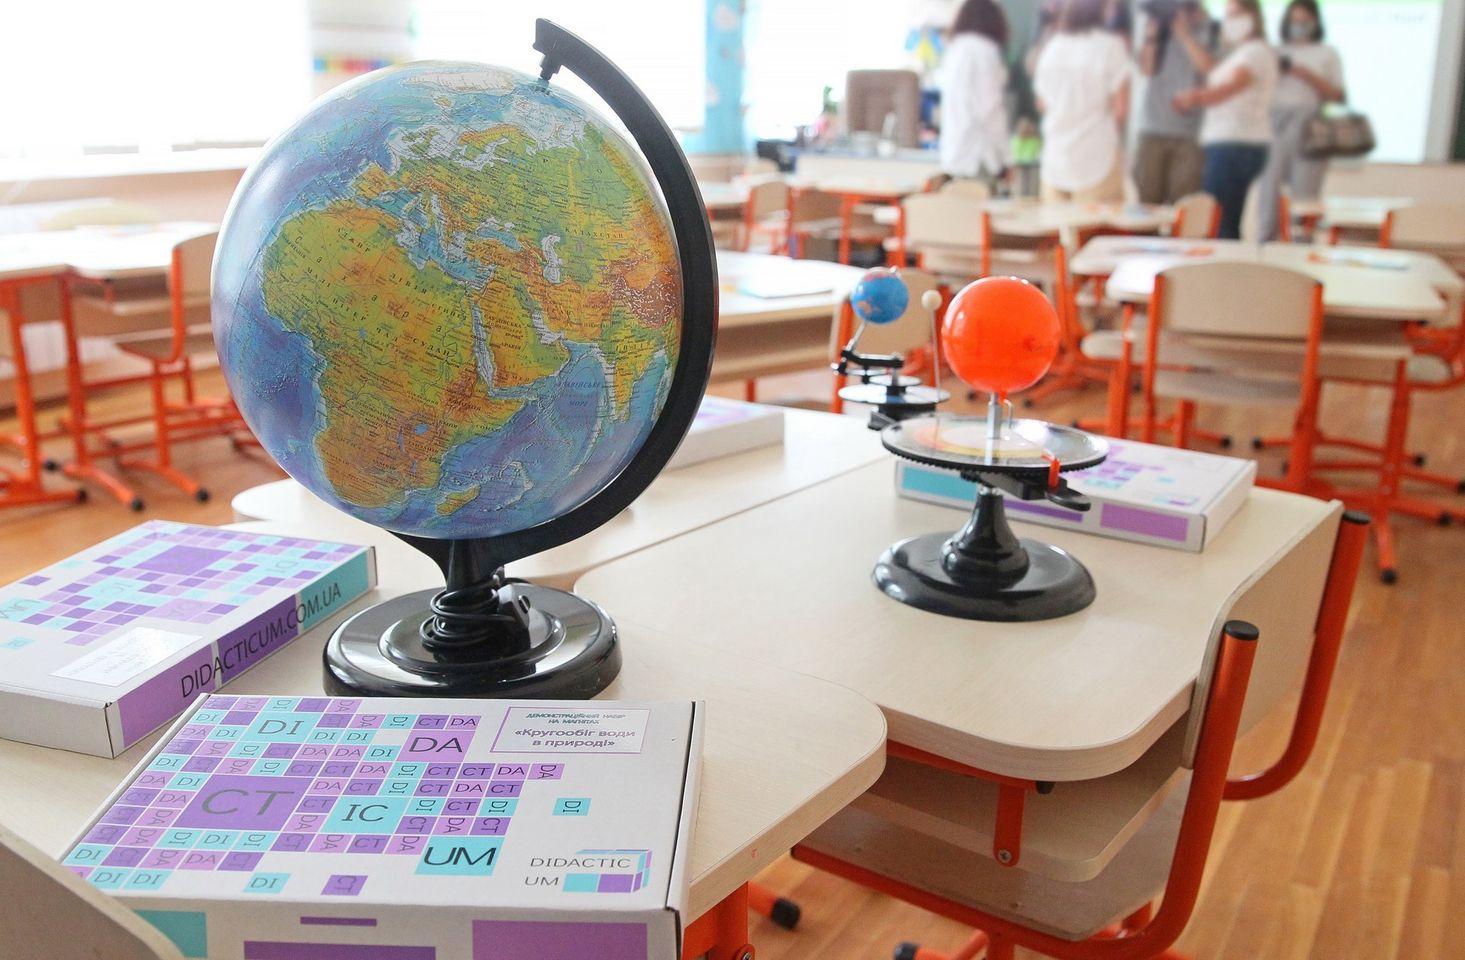 Стало відомо, скільки київських шкіл – на дистанційному навчанні - Освіта, коронавірус, Київ - Kyyiv shkoly